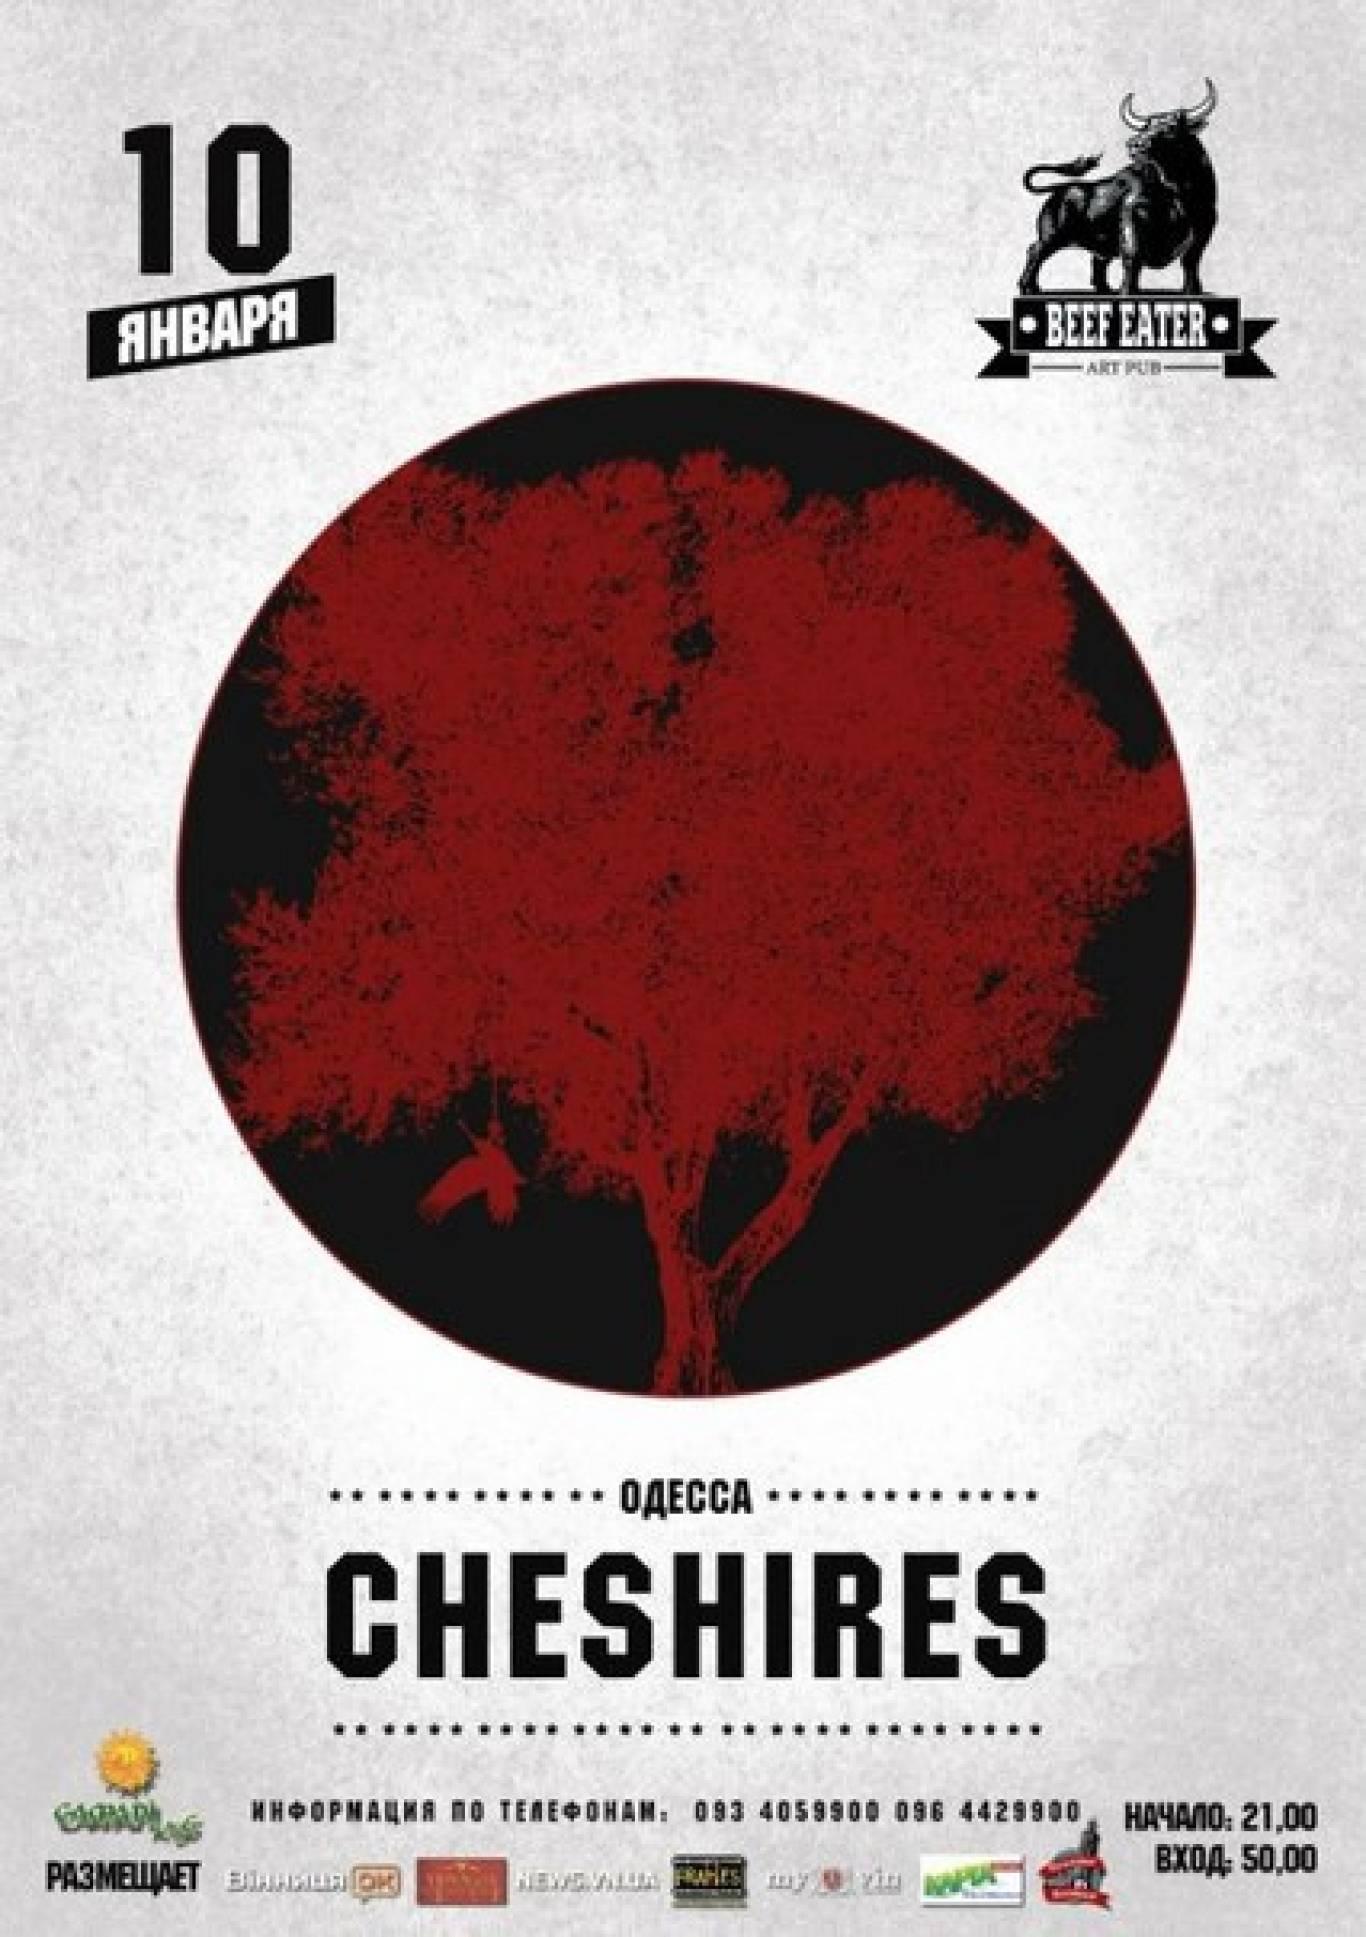 Гурт «Cheshires» з концертом у Віниці